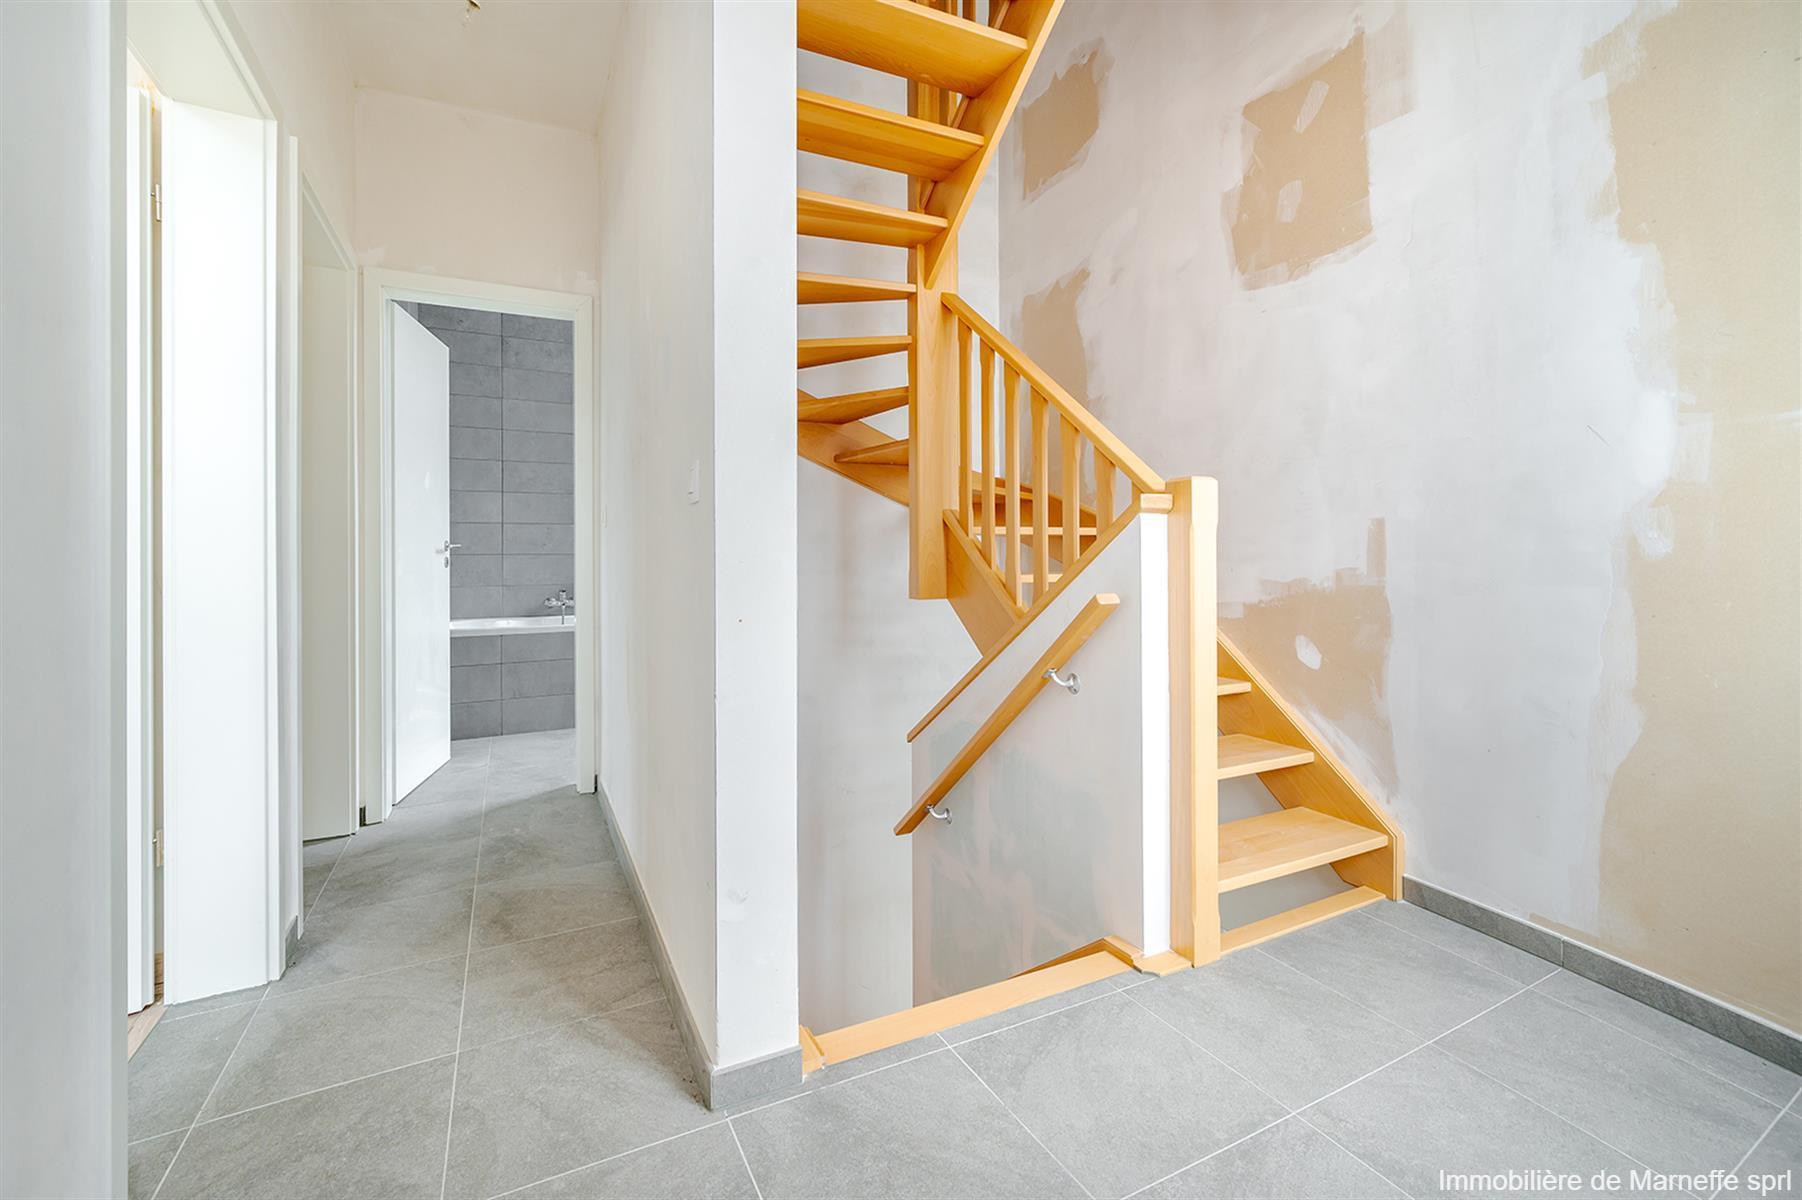 Maison - Grâce-Hollogne Velroux - #4214236-15